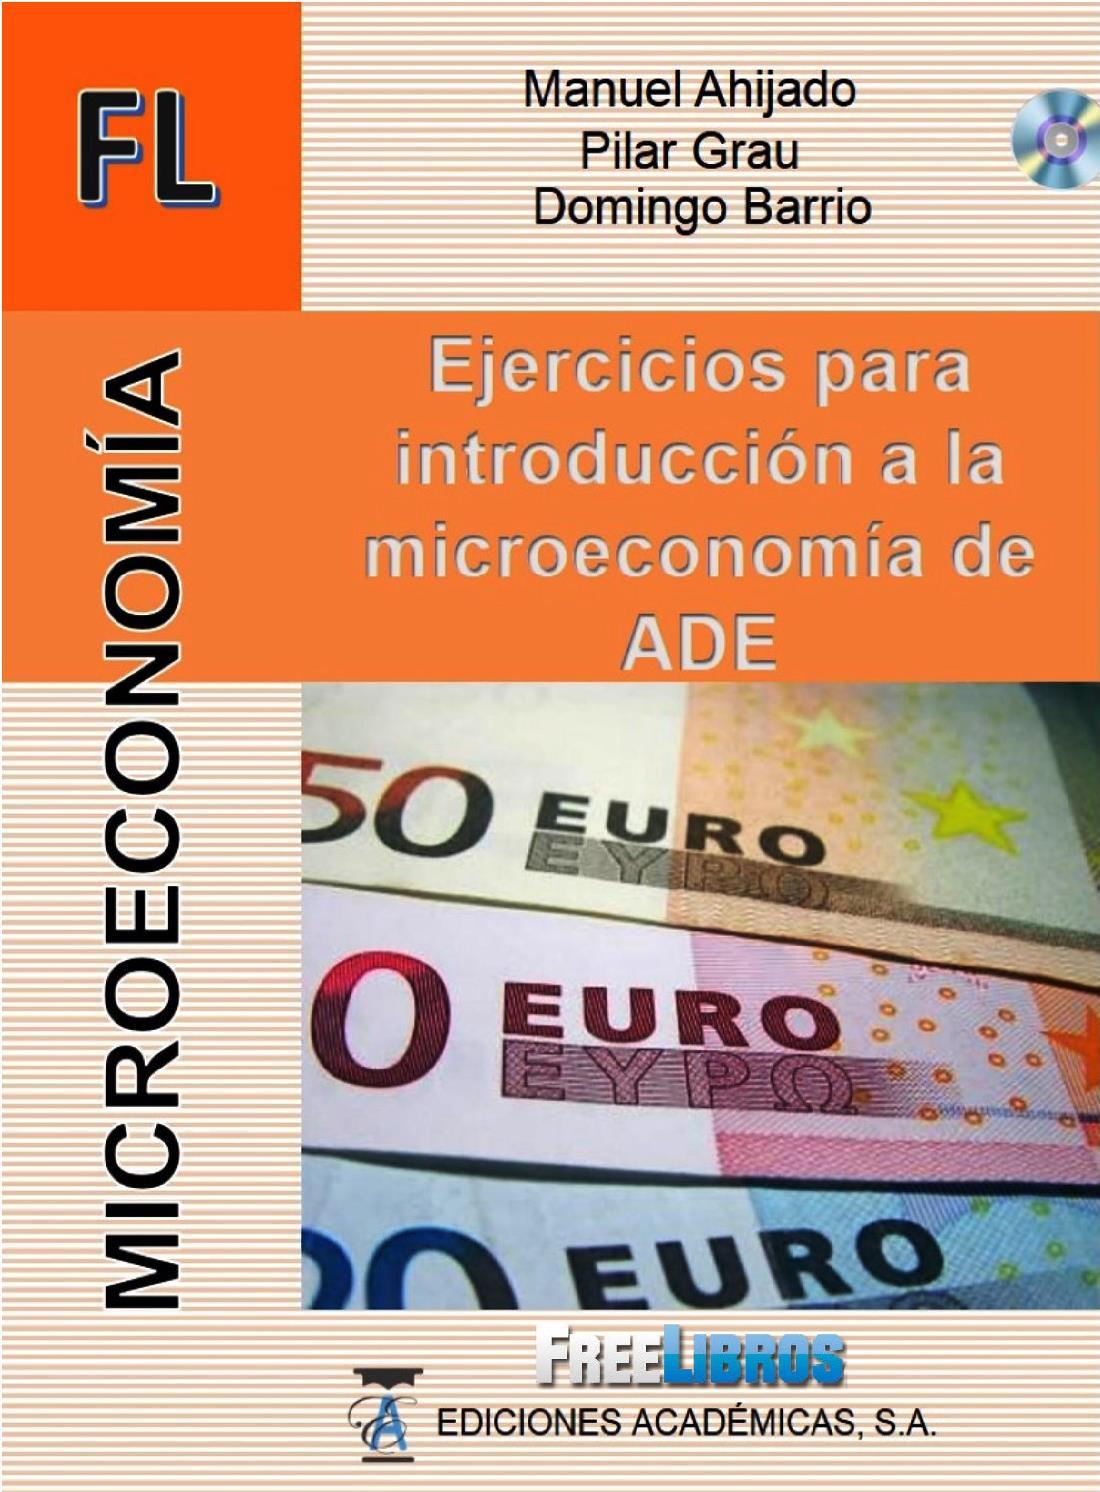 Ejercicios para introducción a la microeconomía de ADE – Manuel Ahijado